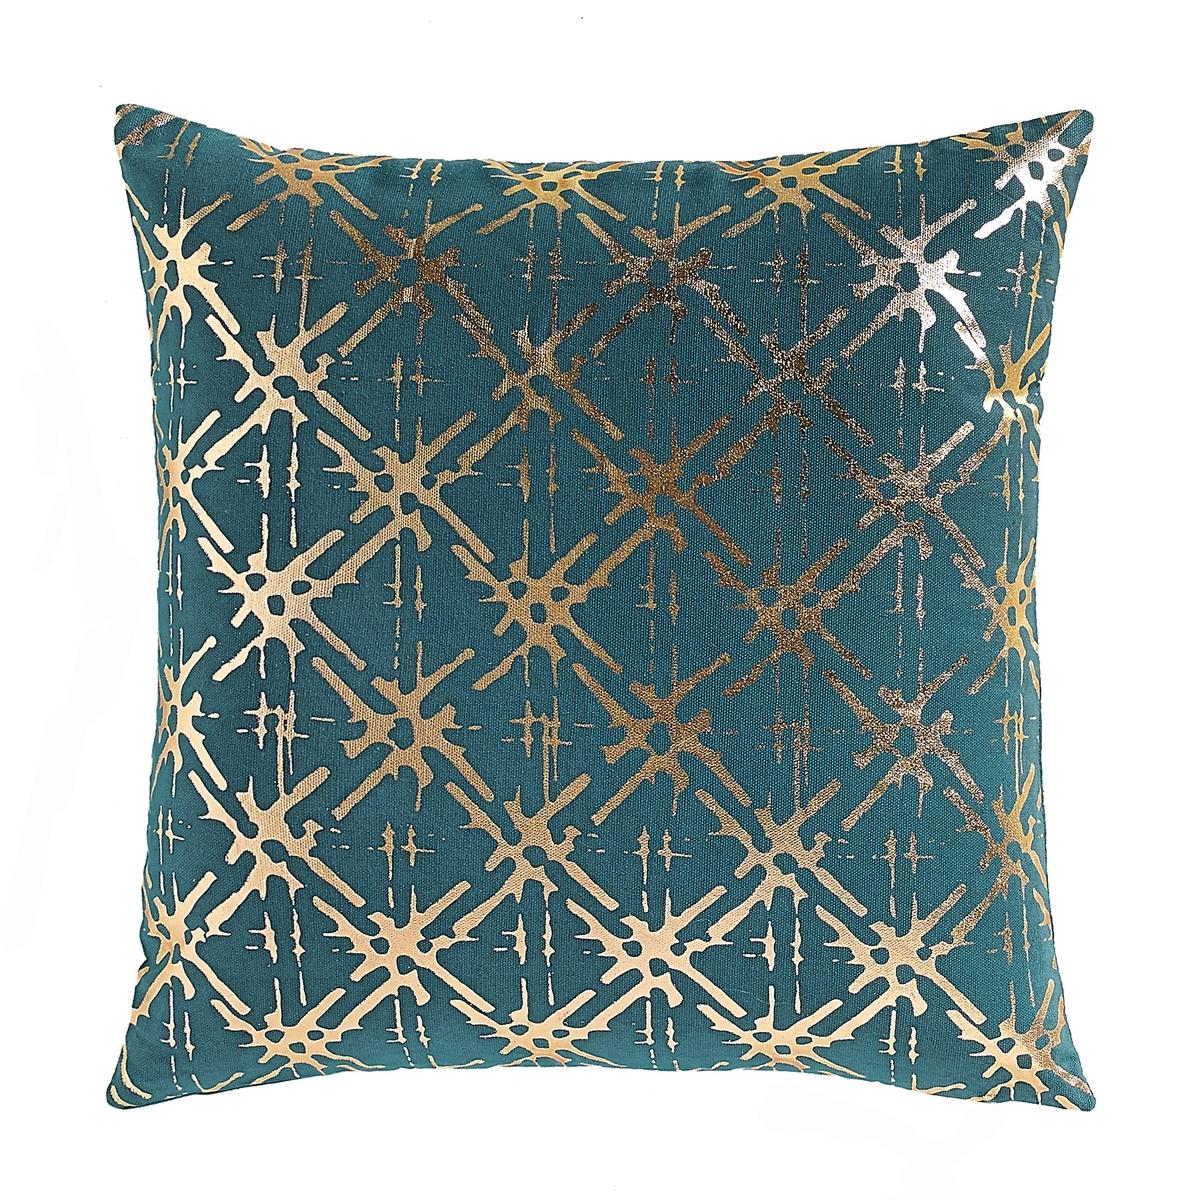 Чехол для подушки с рисунком, Zanja подушки